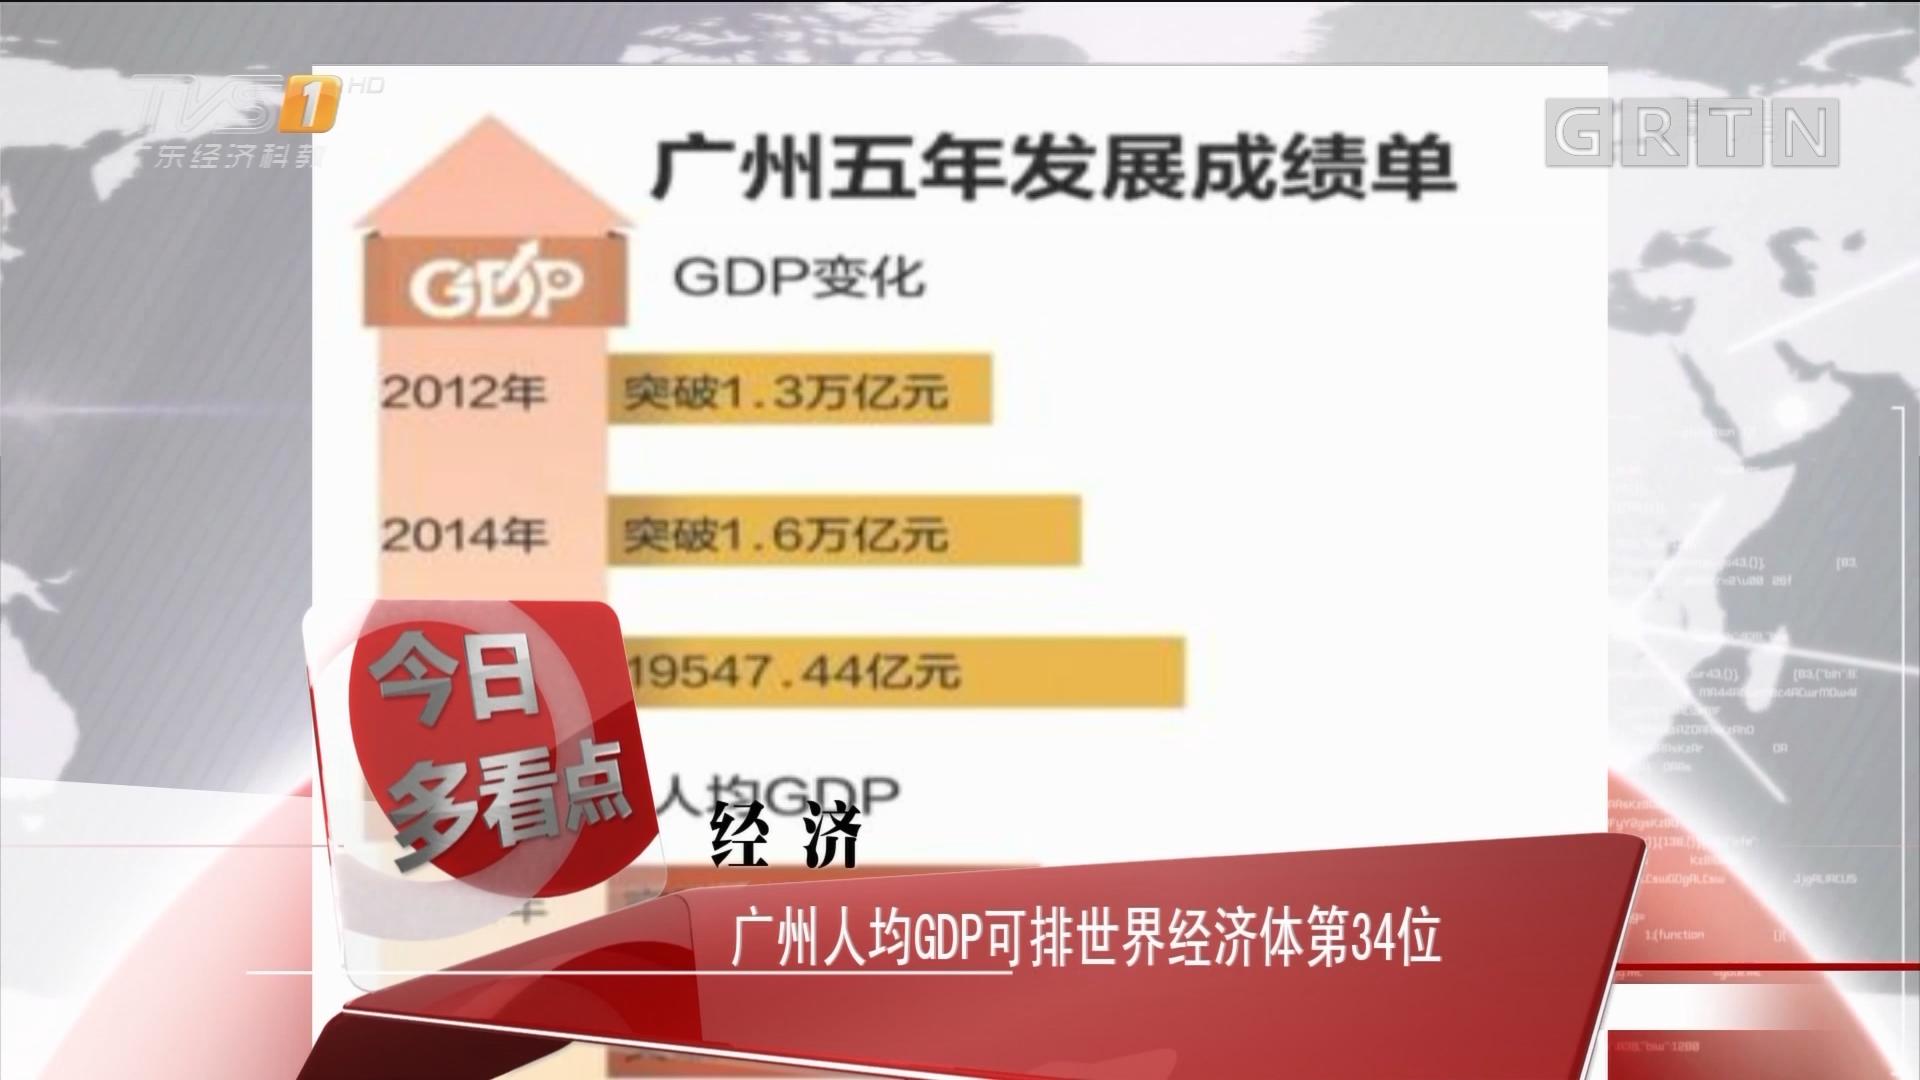 经济:广州人均GDP可排世界经济体第34位